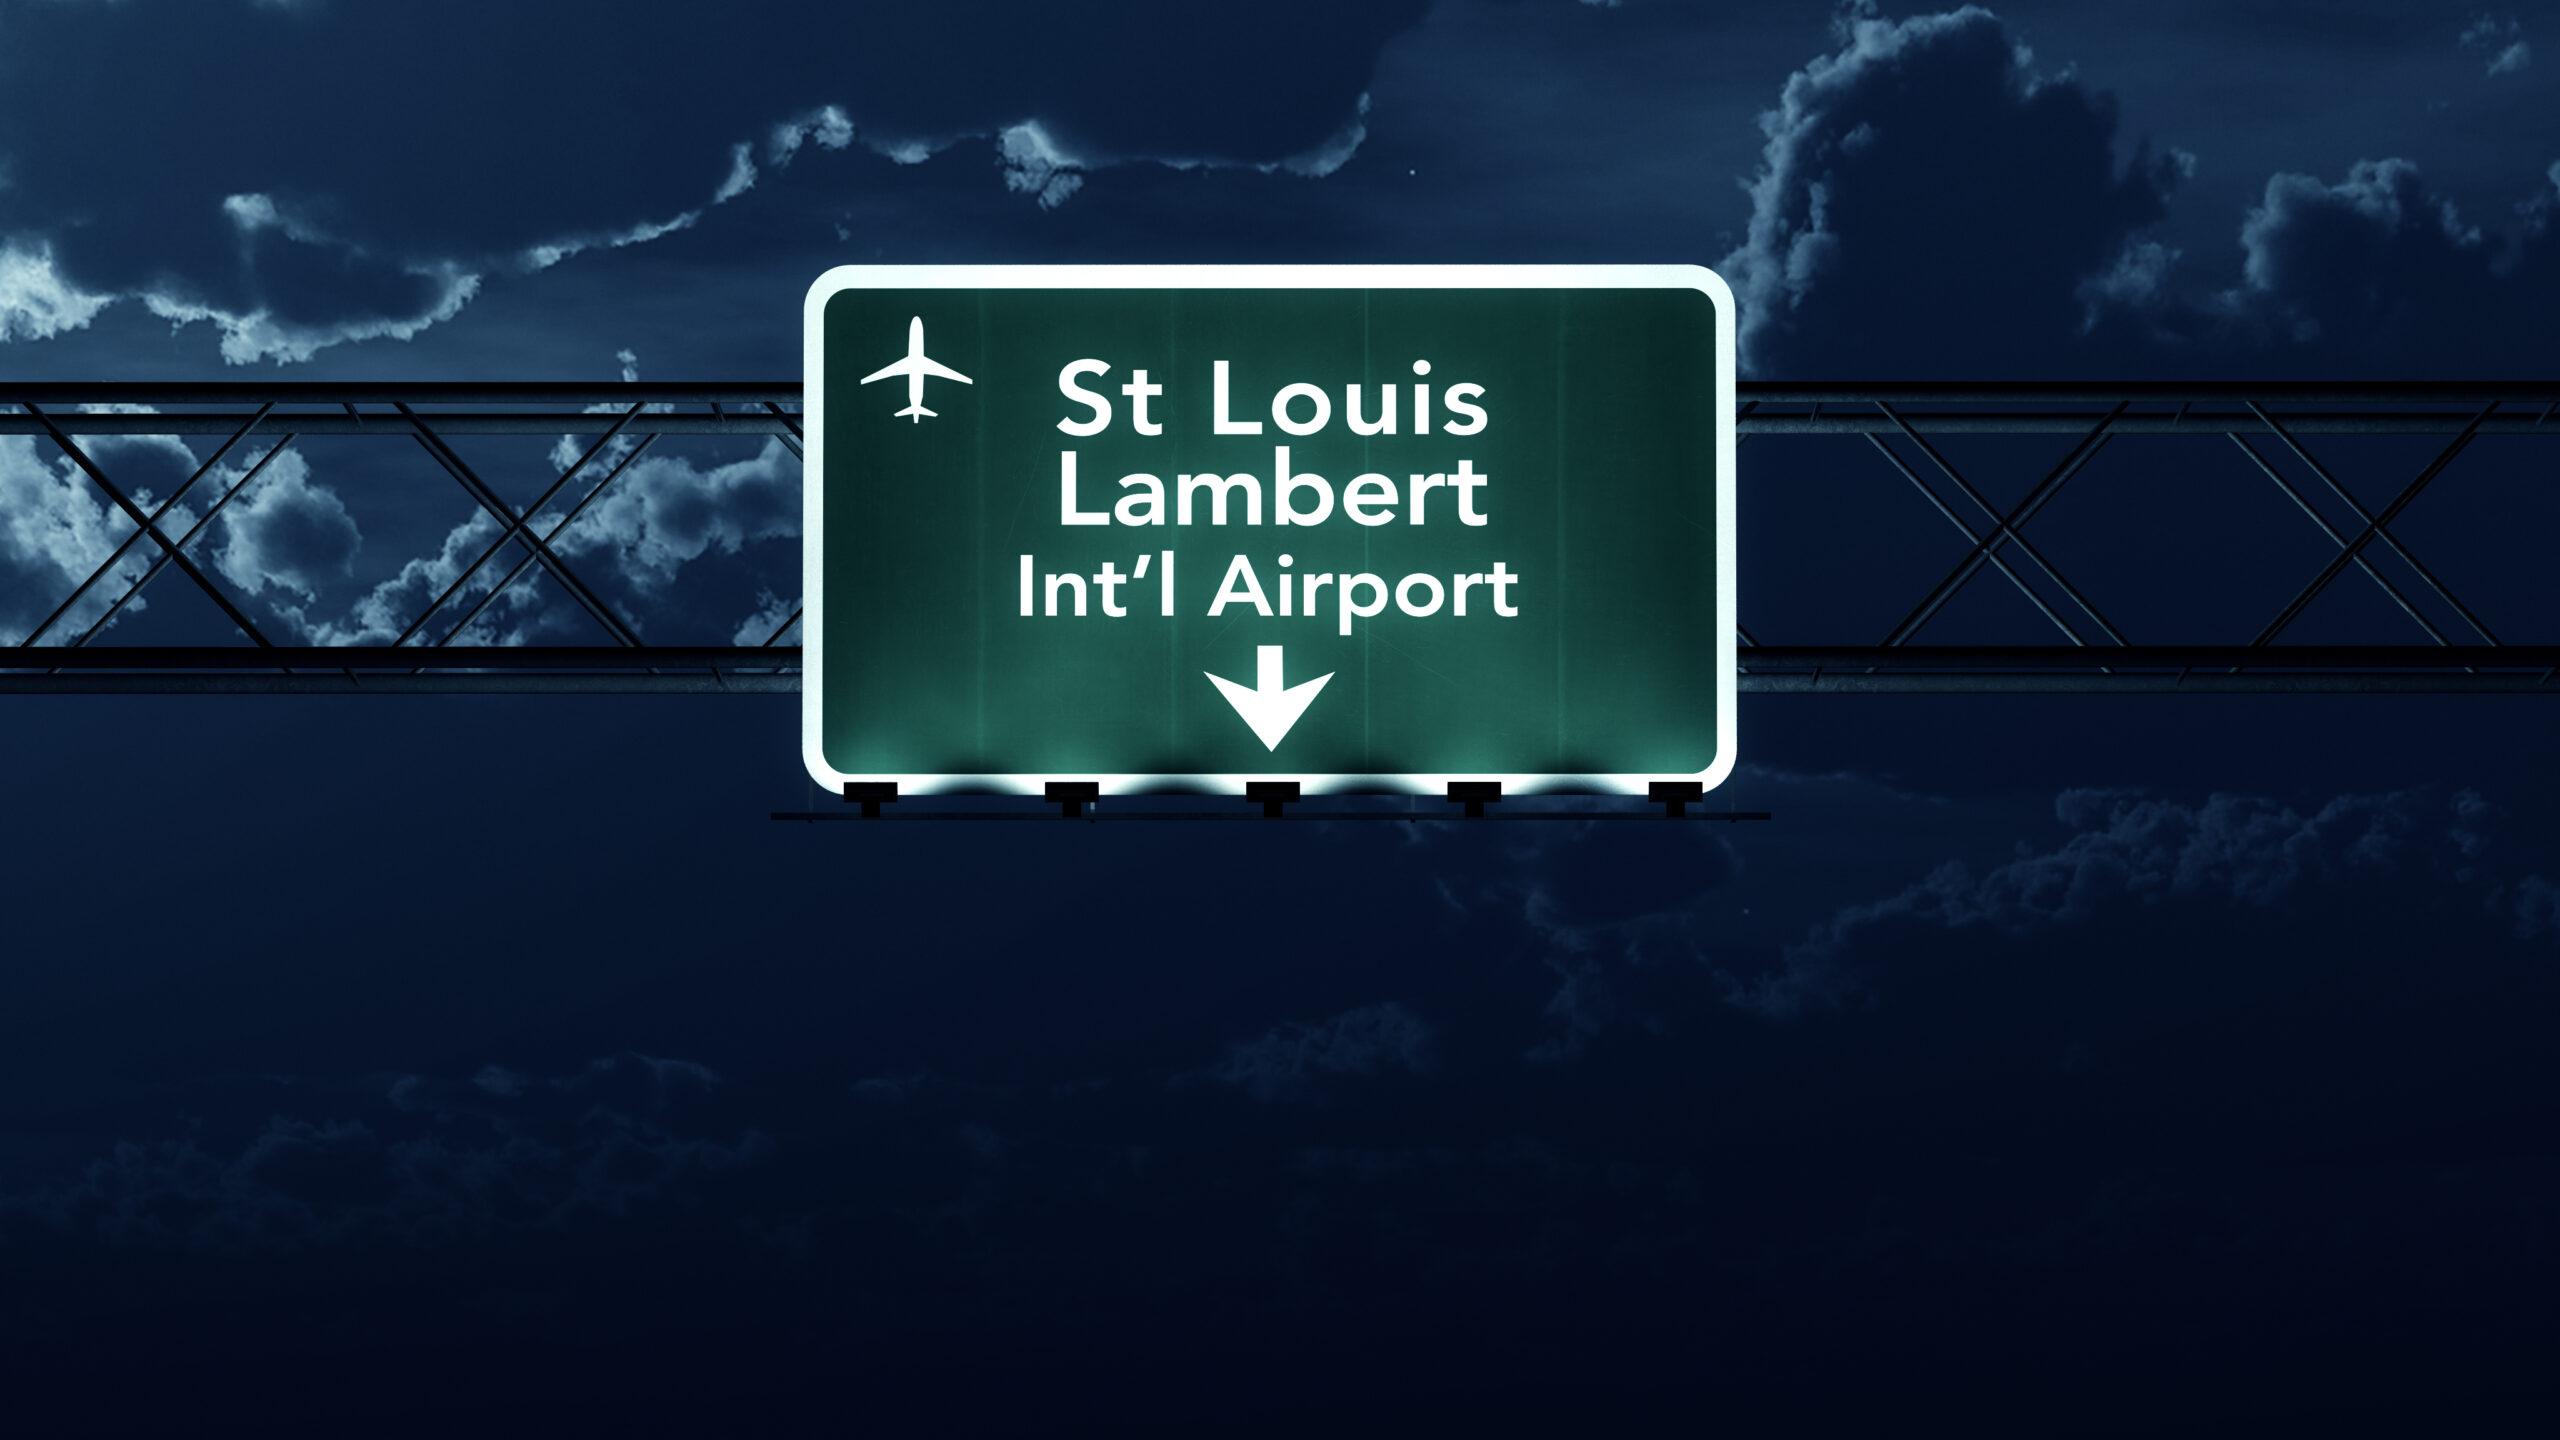 St Louis Lambert Airport sign